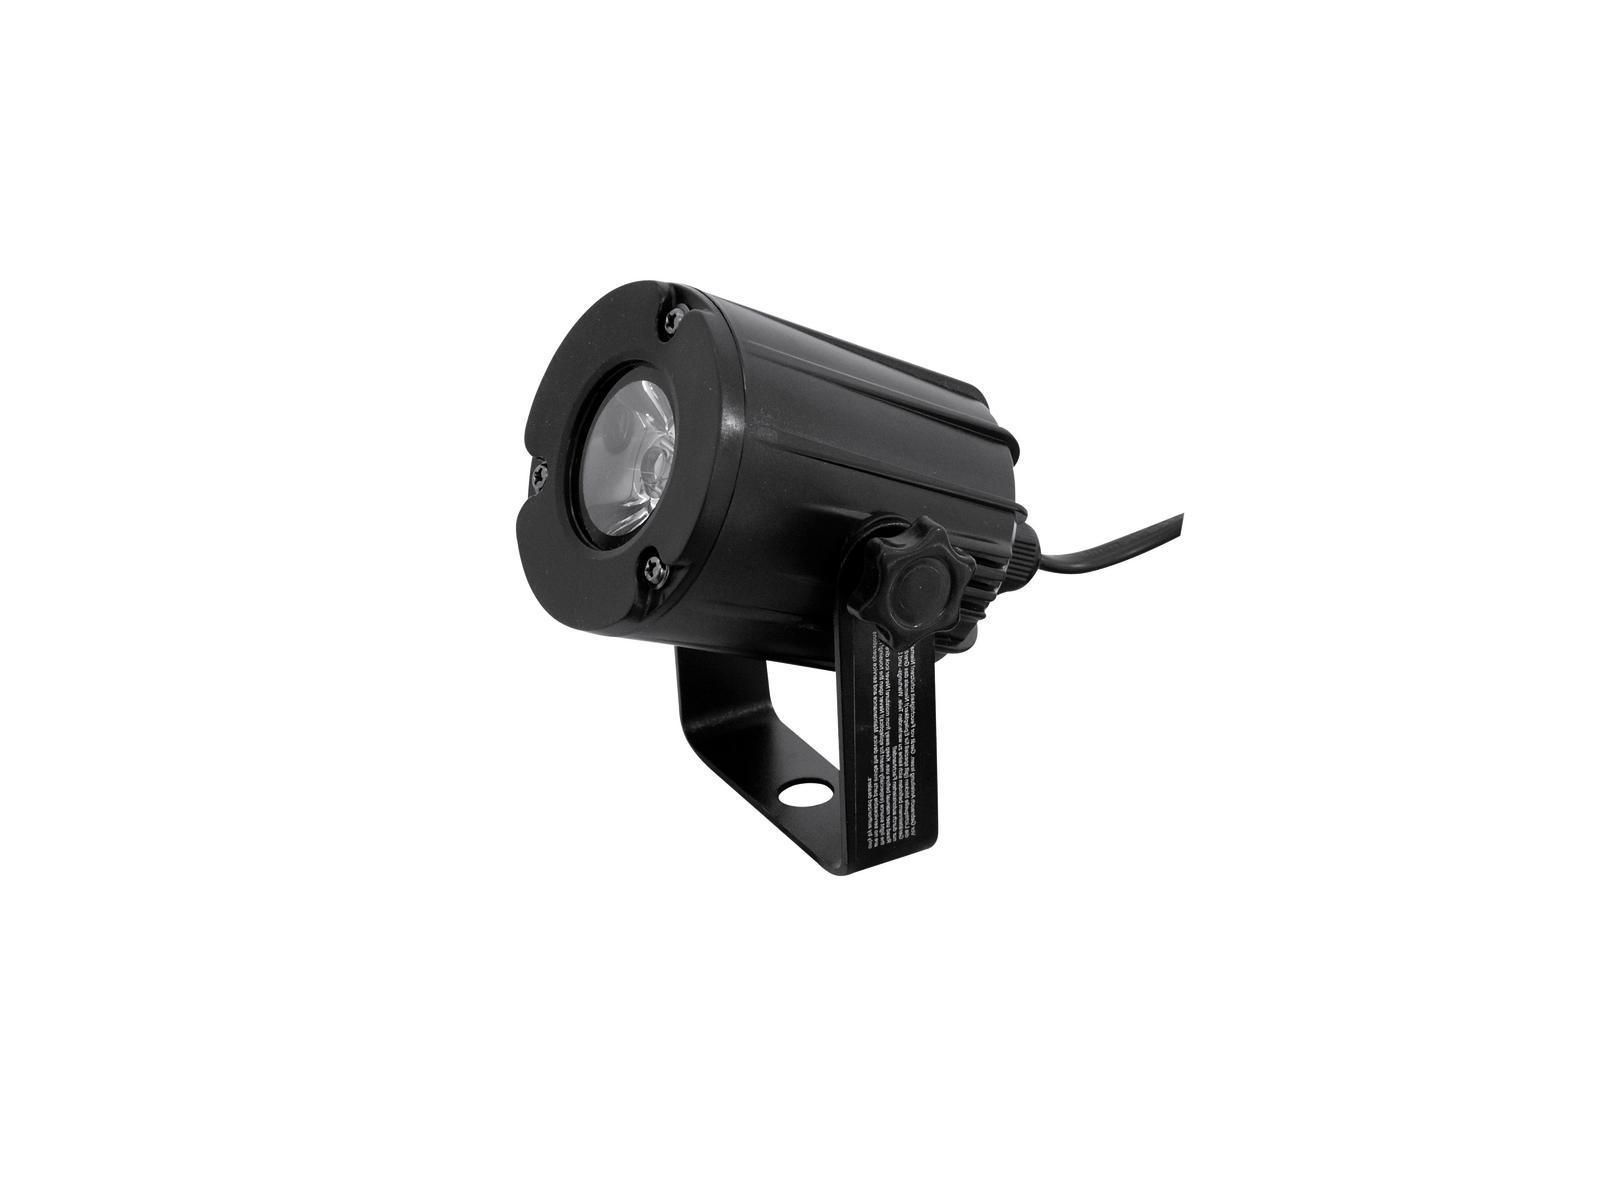 Eurolite LED spot 3W, 3200K, 6°, černý, bodový reflektor